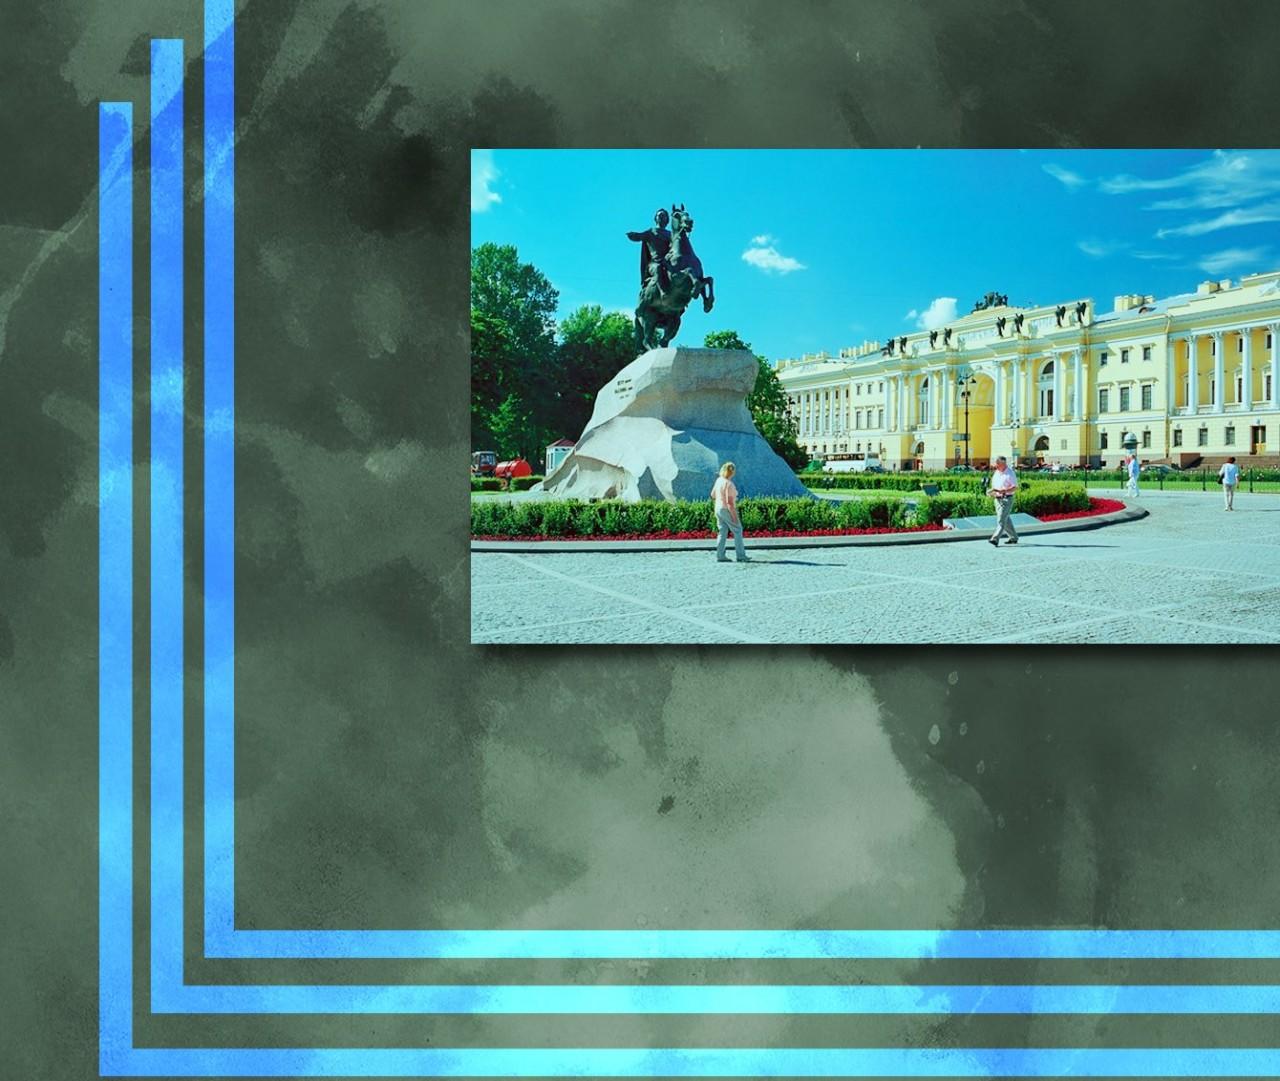 Дальневосточный улов впервые отправится в Петербург северным маршрутом